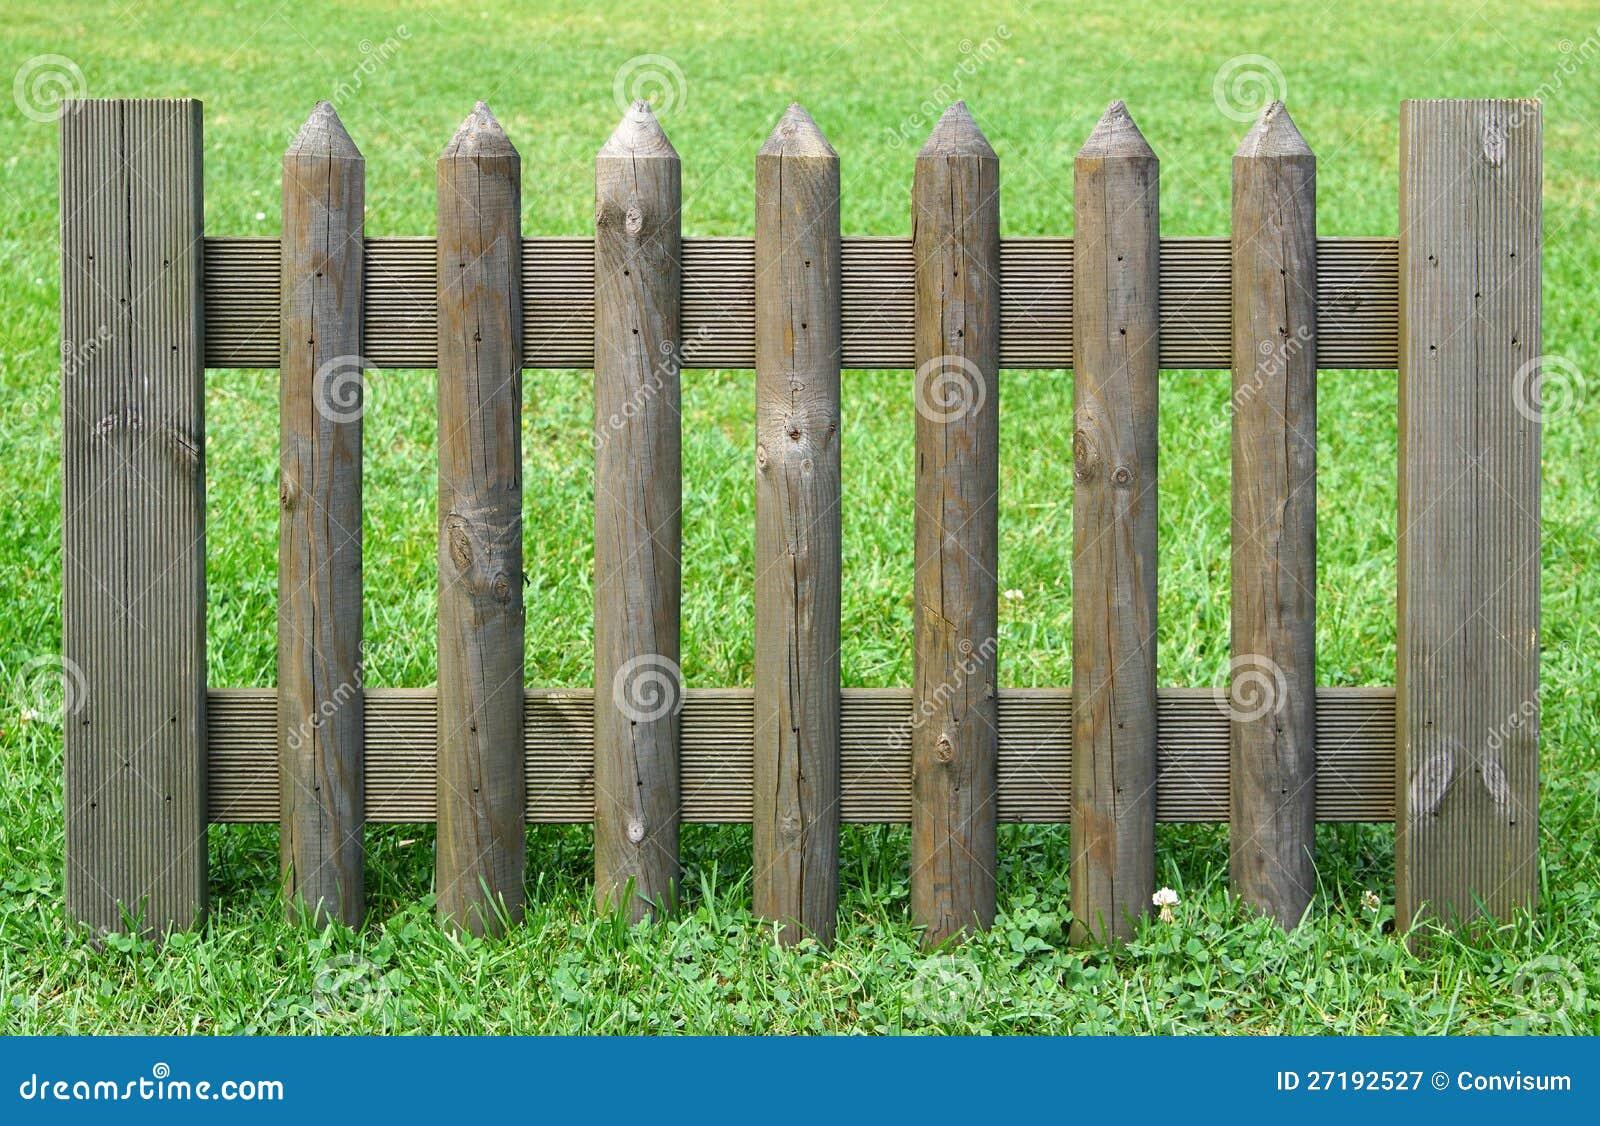 Cercados de madera conjunto de cercas de madera imagenes - Cercado de madera ...